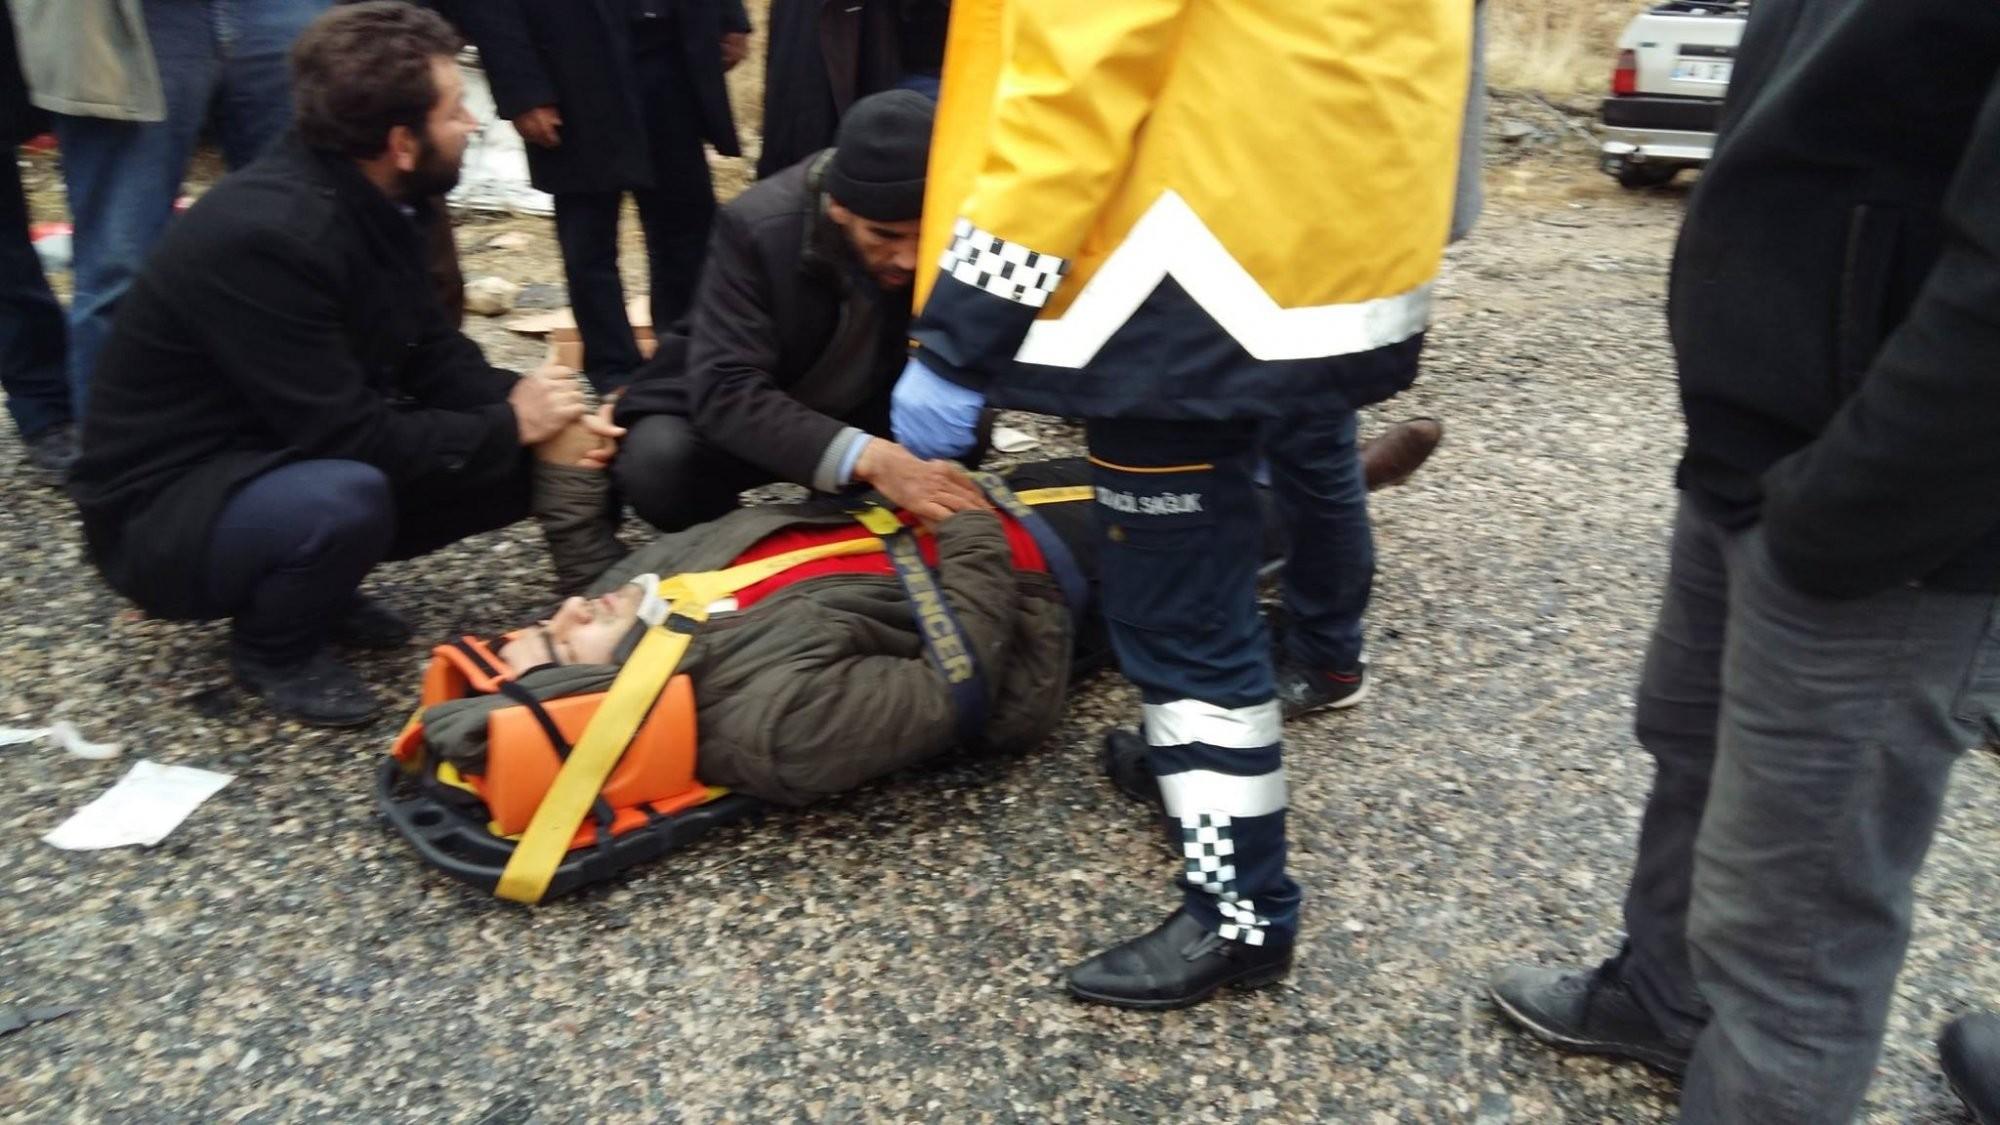 Tavuk Taşıyan Minibüs İle Otomobil Çarpıştı: 1 Ölü, 4 Yaralı